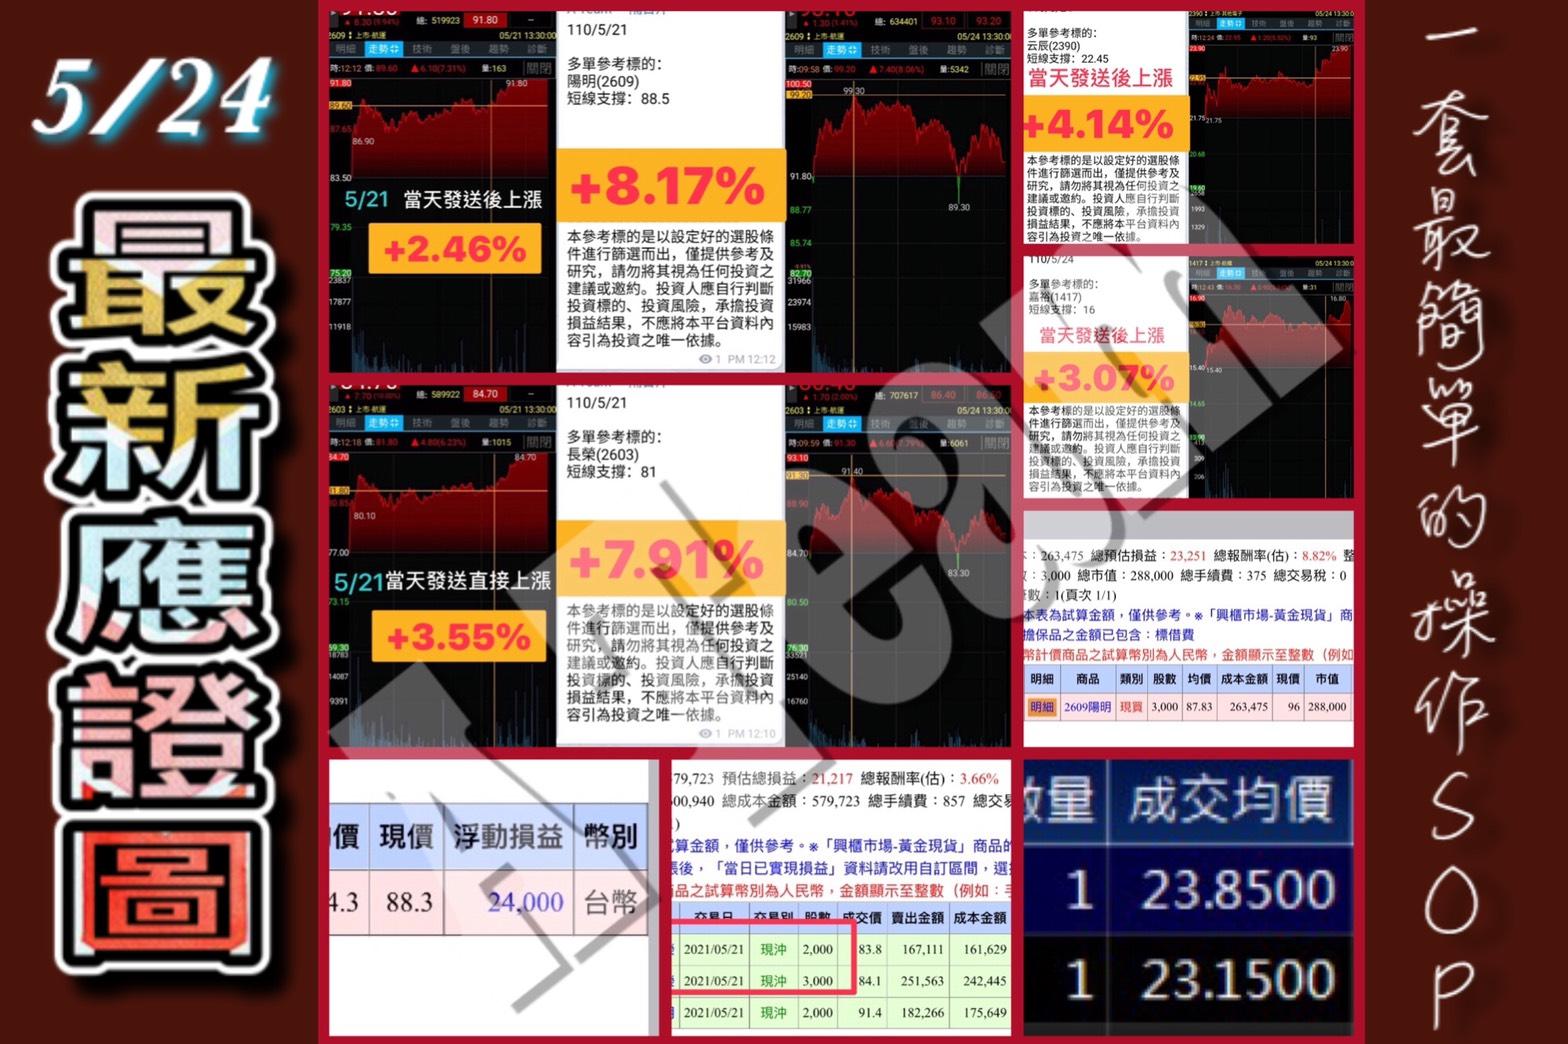 A Team金融操作記事 - 5/24最新應證圖